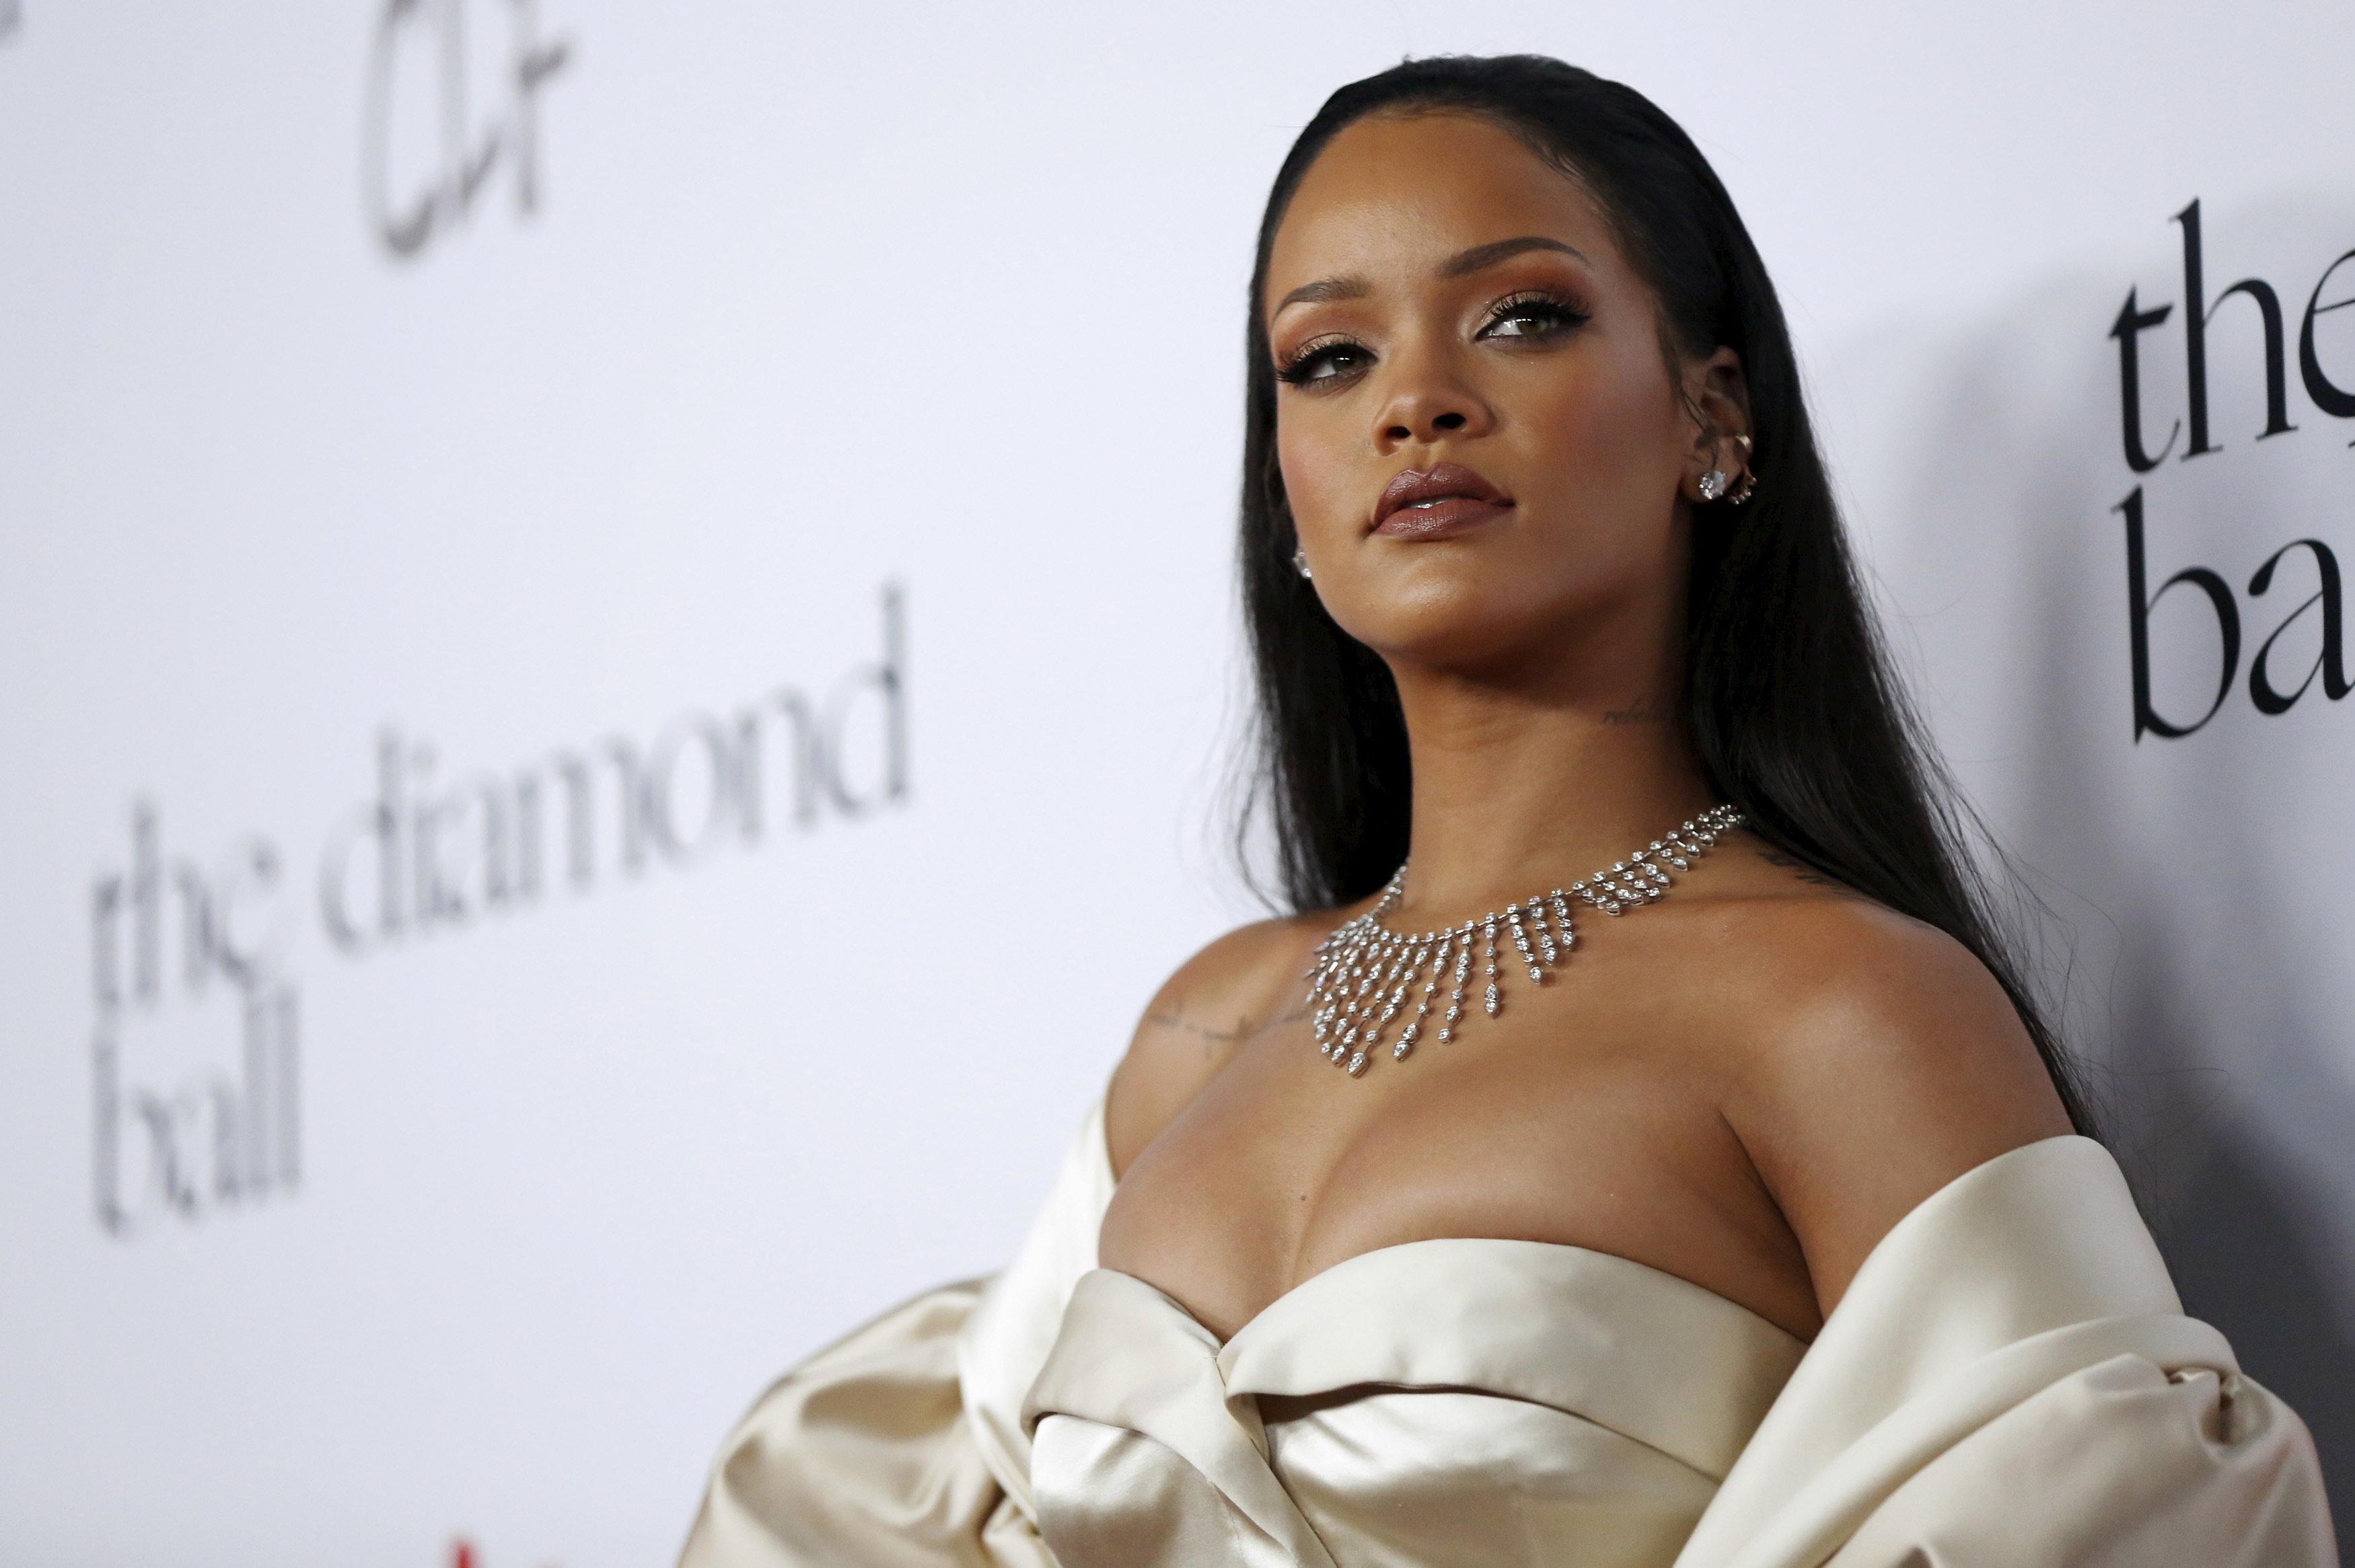 Η απάντηση της Rihanna στην προκλητική διαφήμιση του Snapchat για τον ξυλοδαρμό από τον Chris